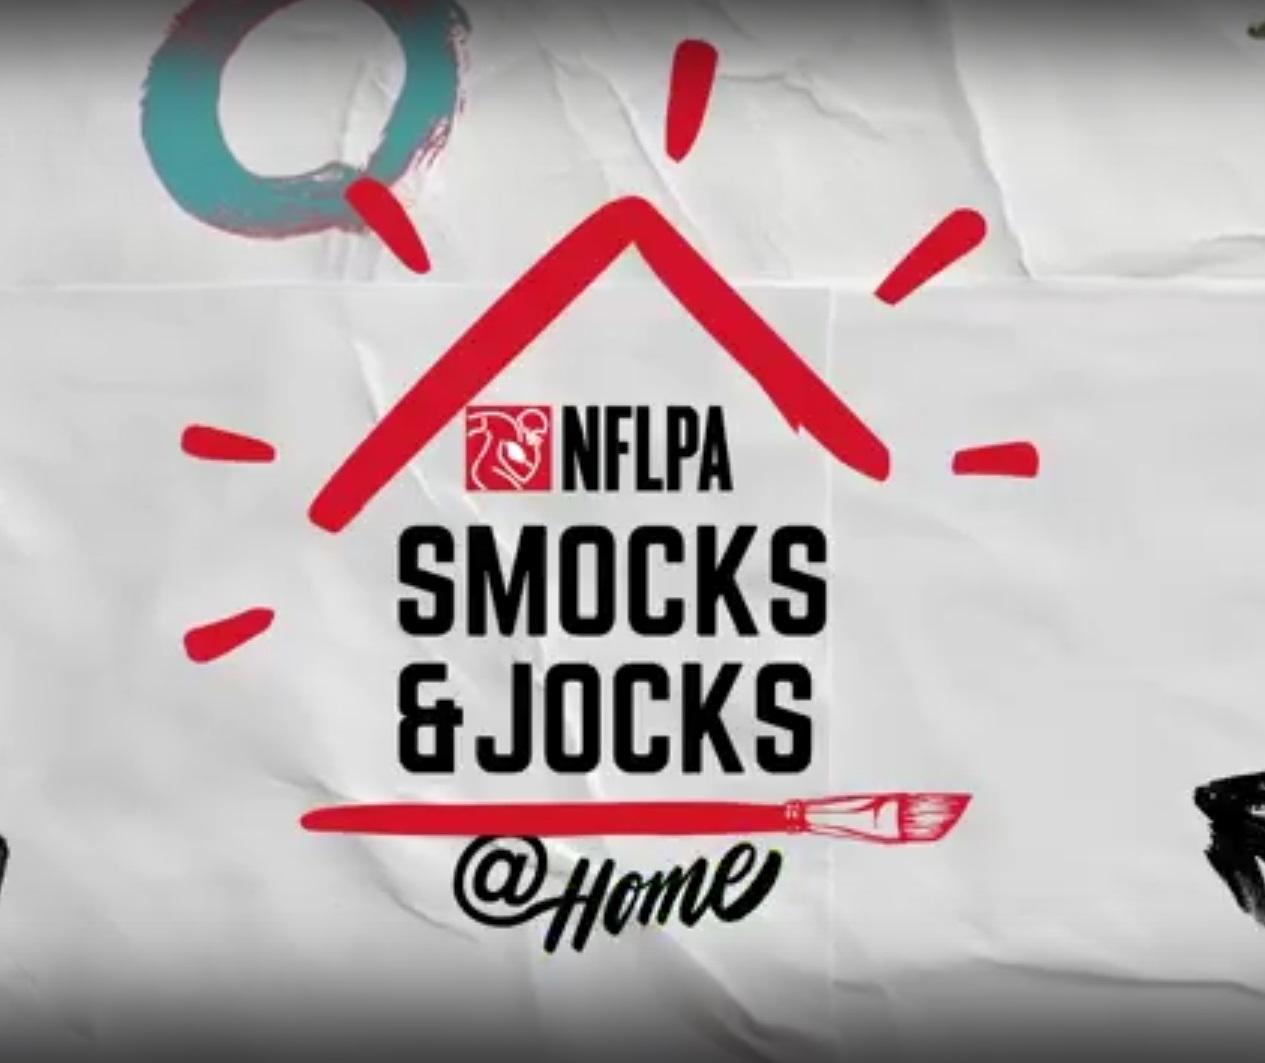 NFLPA Smocks and Jocks